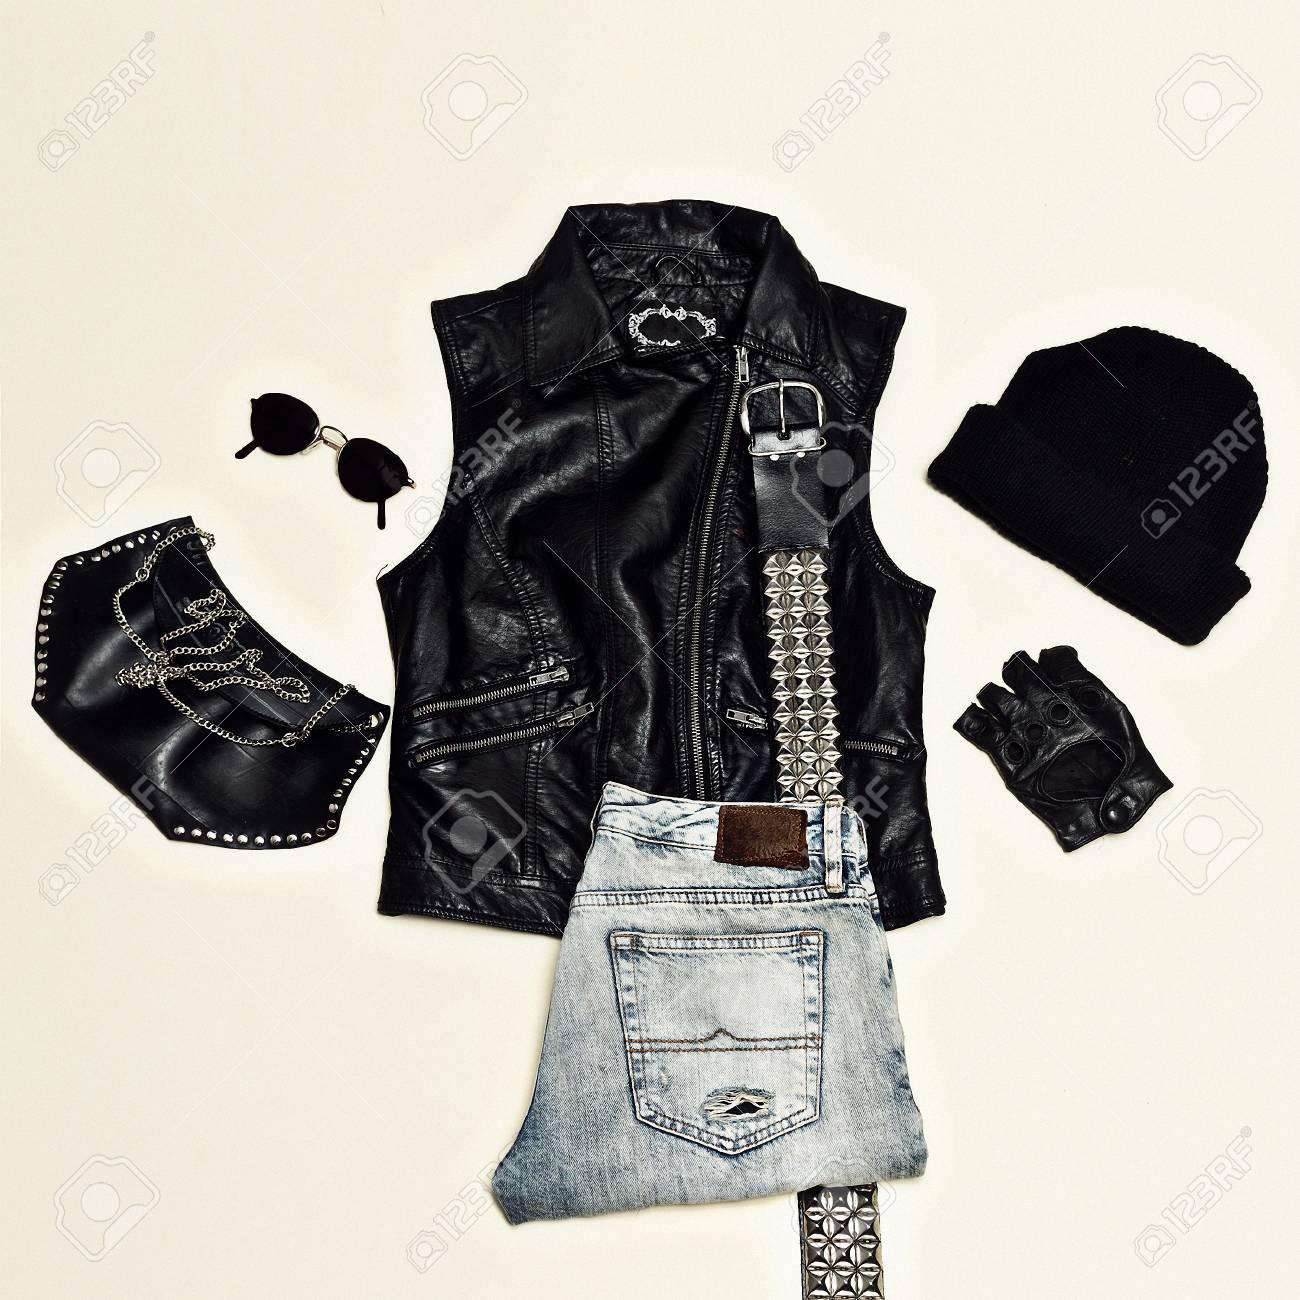 Jeu De Style Rock Mode Urbaine Noire Gilet Pochette Bonnet Vetements En Cuir Noir Banque D Images Et Photos Libres De Droits Image 74221480